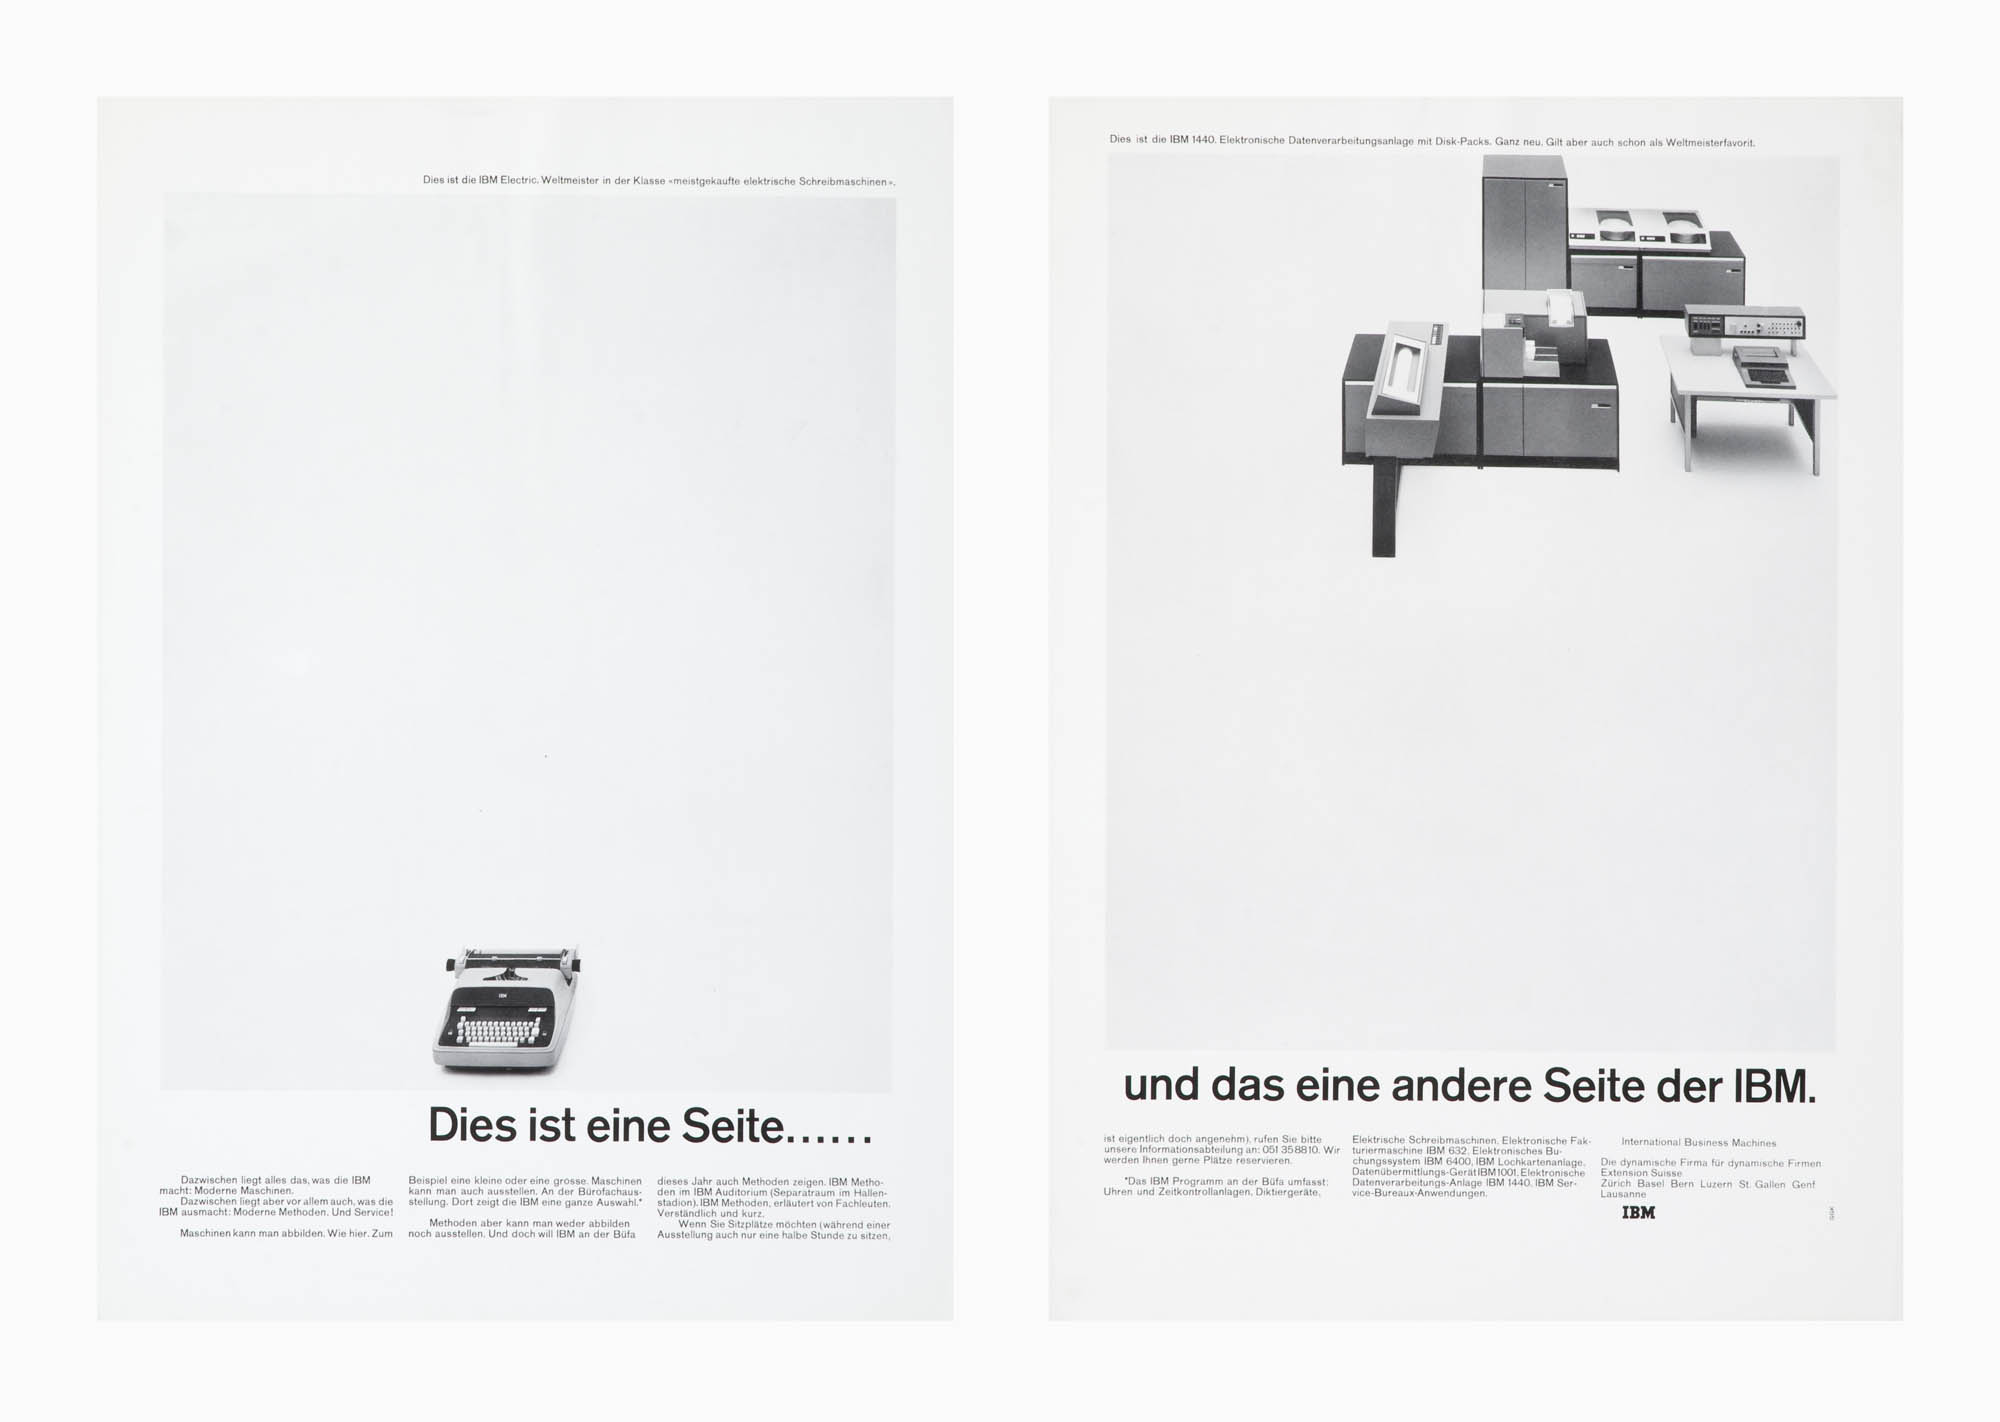 Warum konnten wir eine so schöne Schreibmaschine bauen? – Darum. – IBM Karl Gerstner Magazine ad